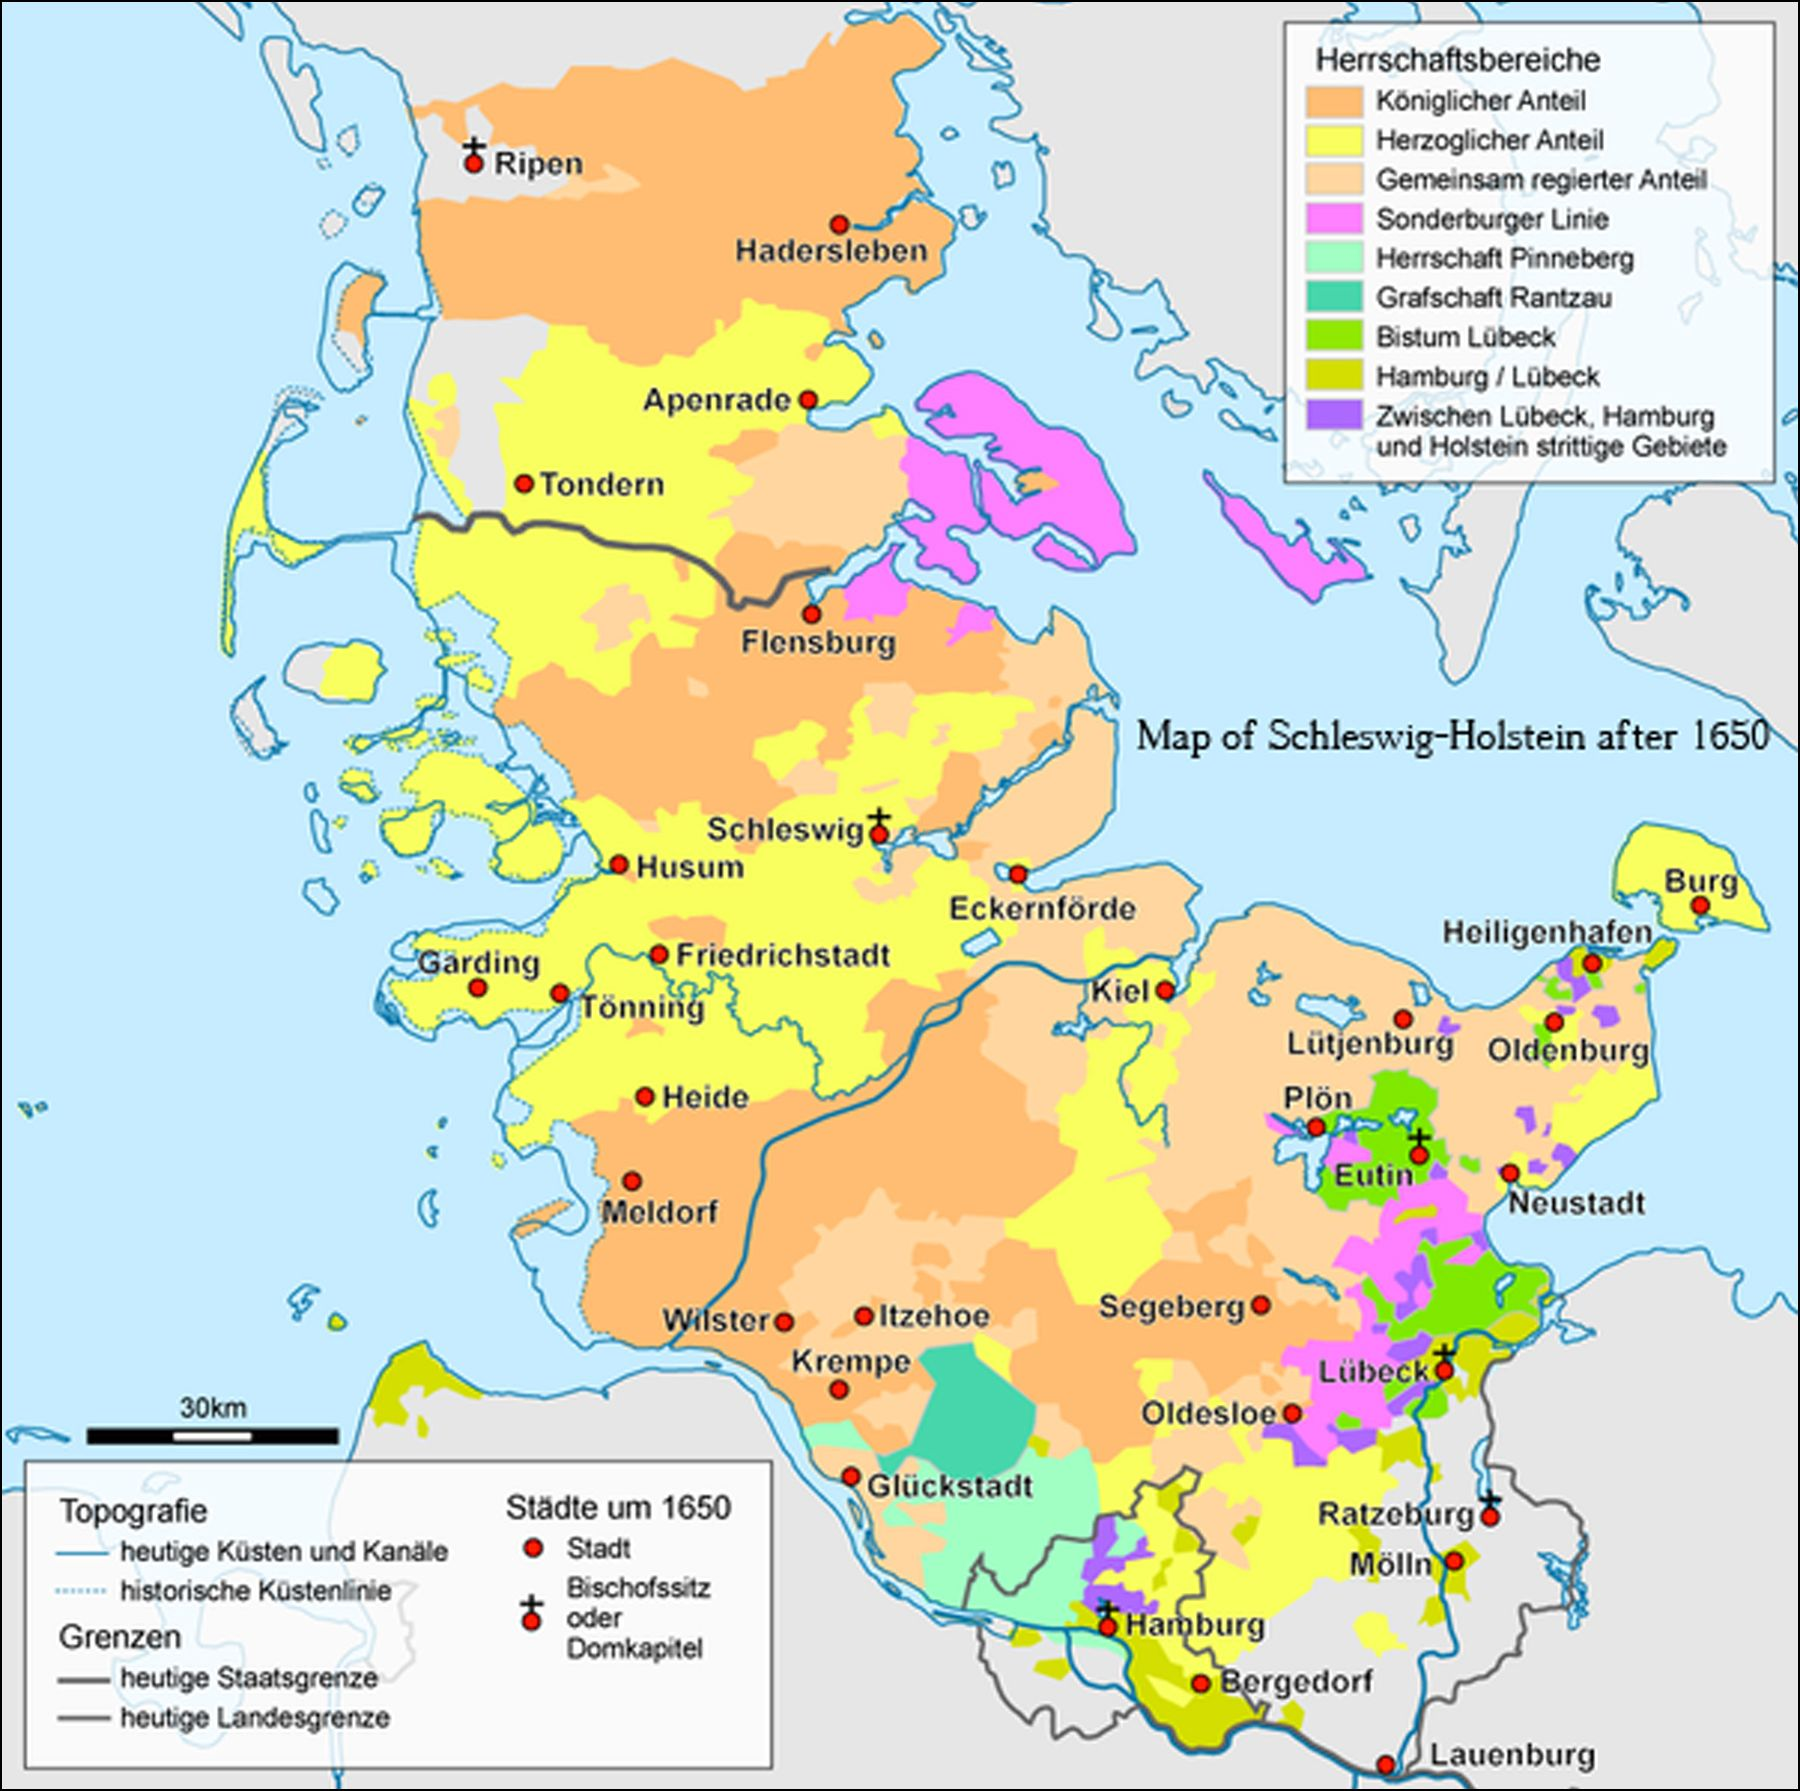 1650 Schleswig Holstein | Germany map, Map, Schleswig holstein